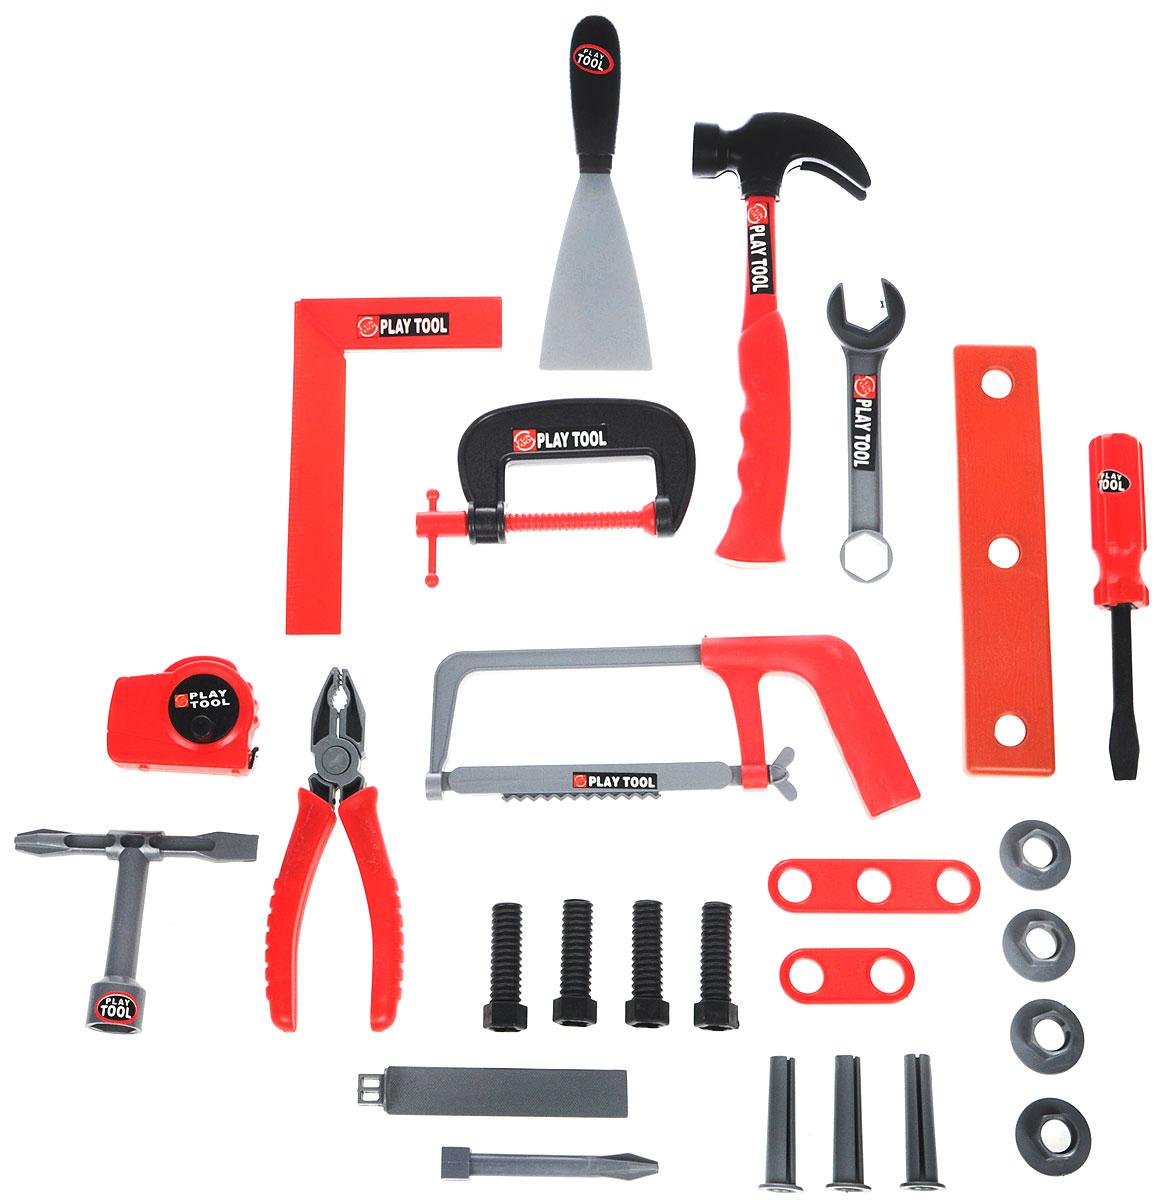 Altacto Игровой набор инструментов Верстак altacto игровой набор инструментов своими руками